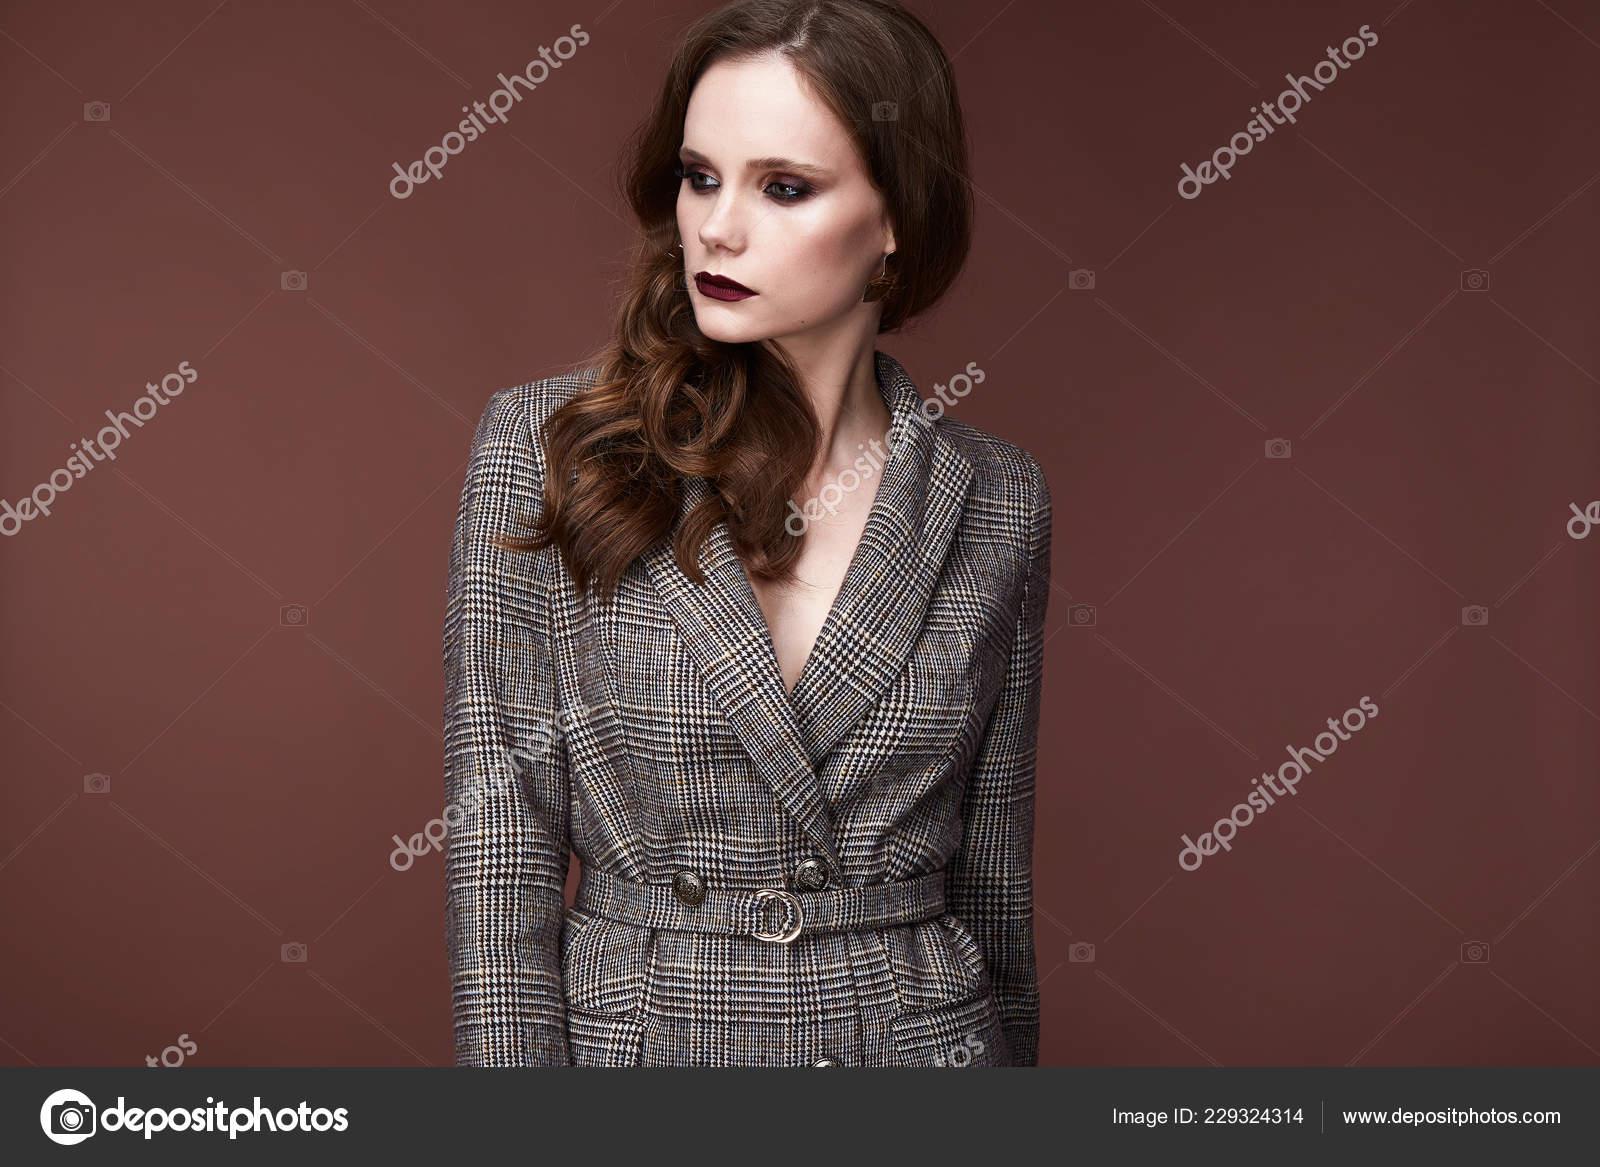 Moda Mujer Cuerpo Perfecto Forma Morena Peinar Vestir Traje